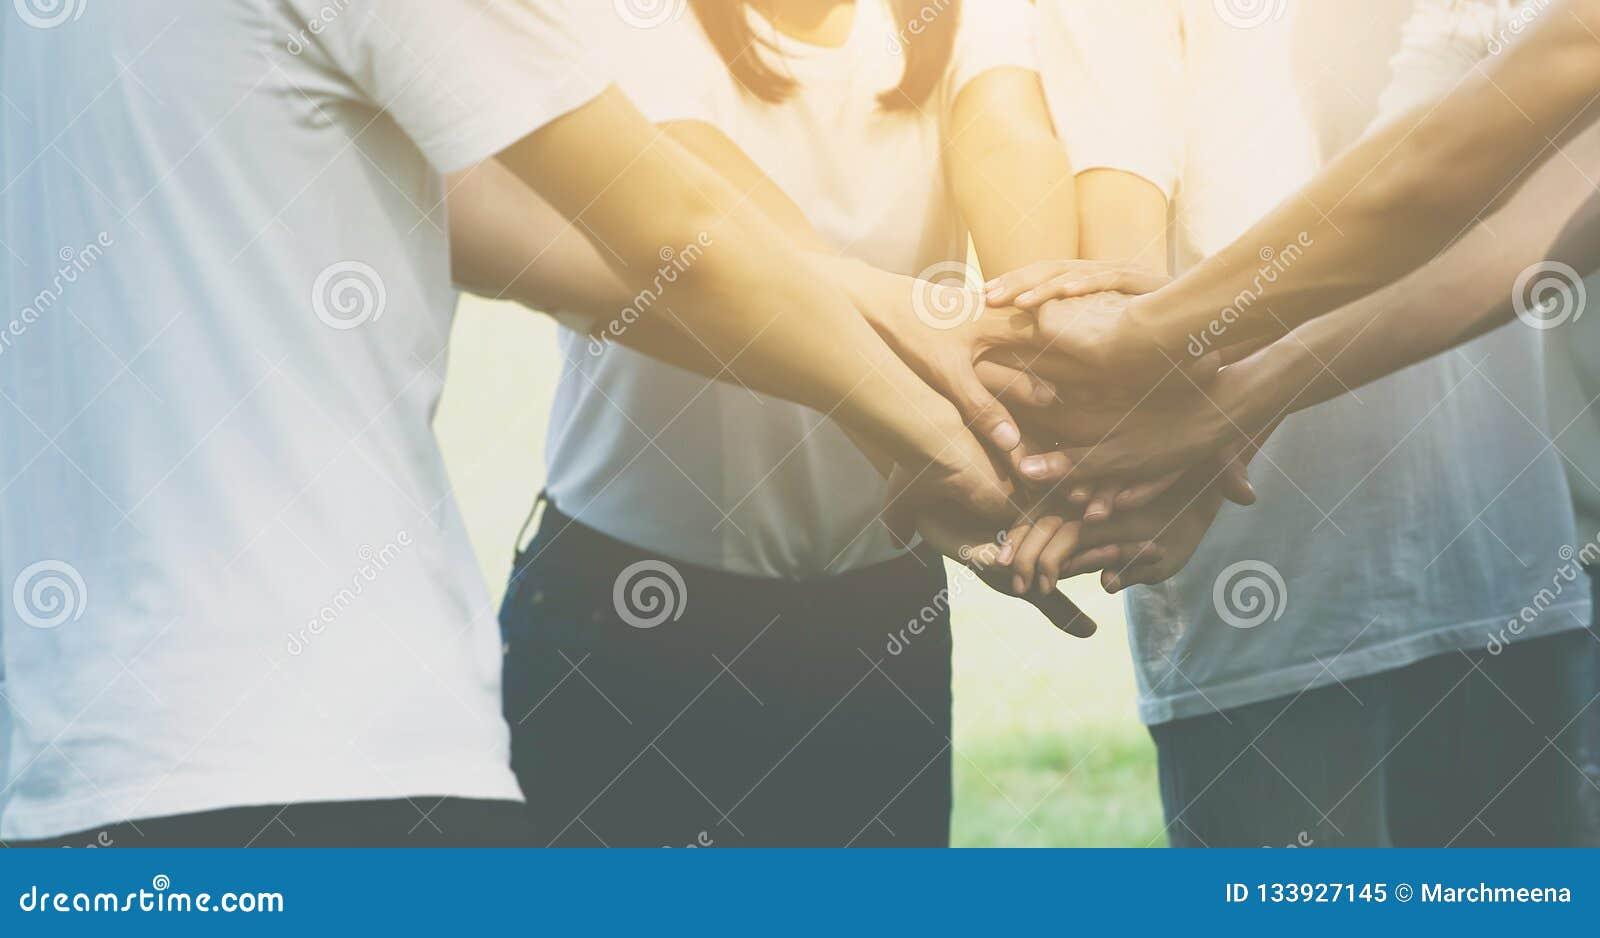 Lagteamworkaffär att sammanfoga begreppet för hand tillsammans, makt av manligt